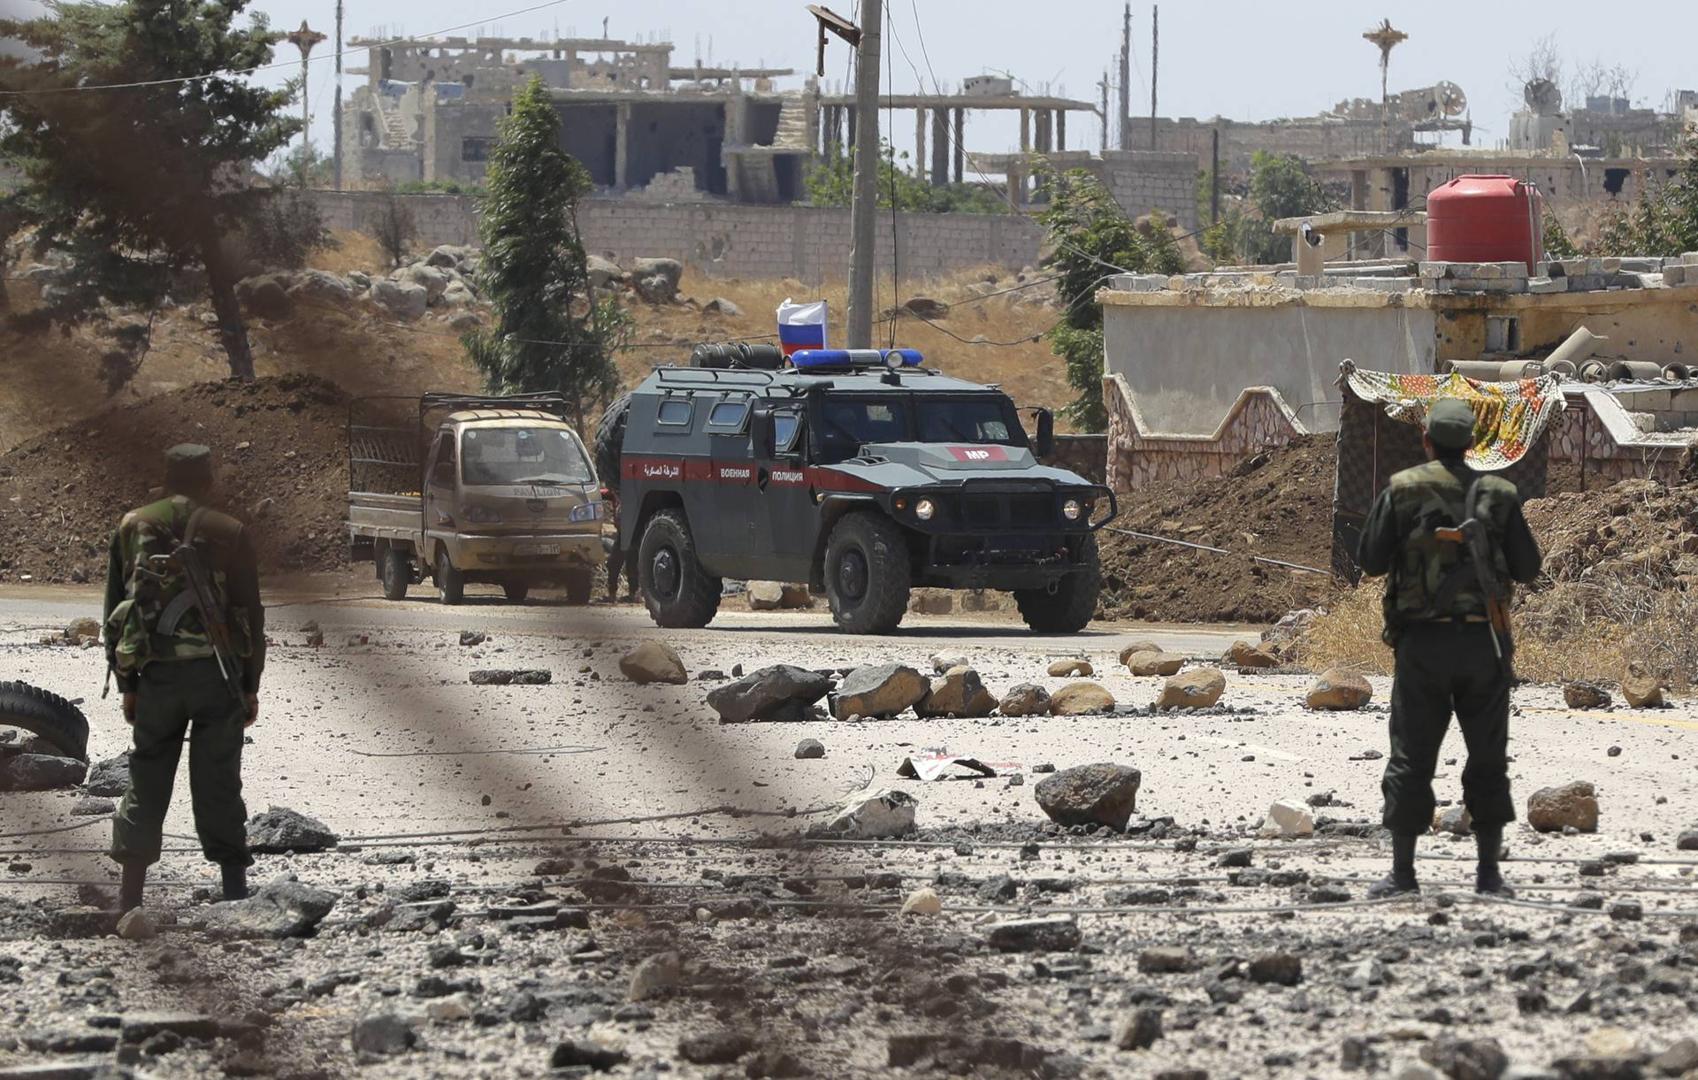 مركبة للشرطة العسكرية الروسية في سوريا - أرشيف